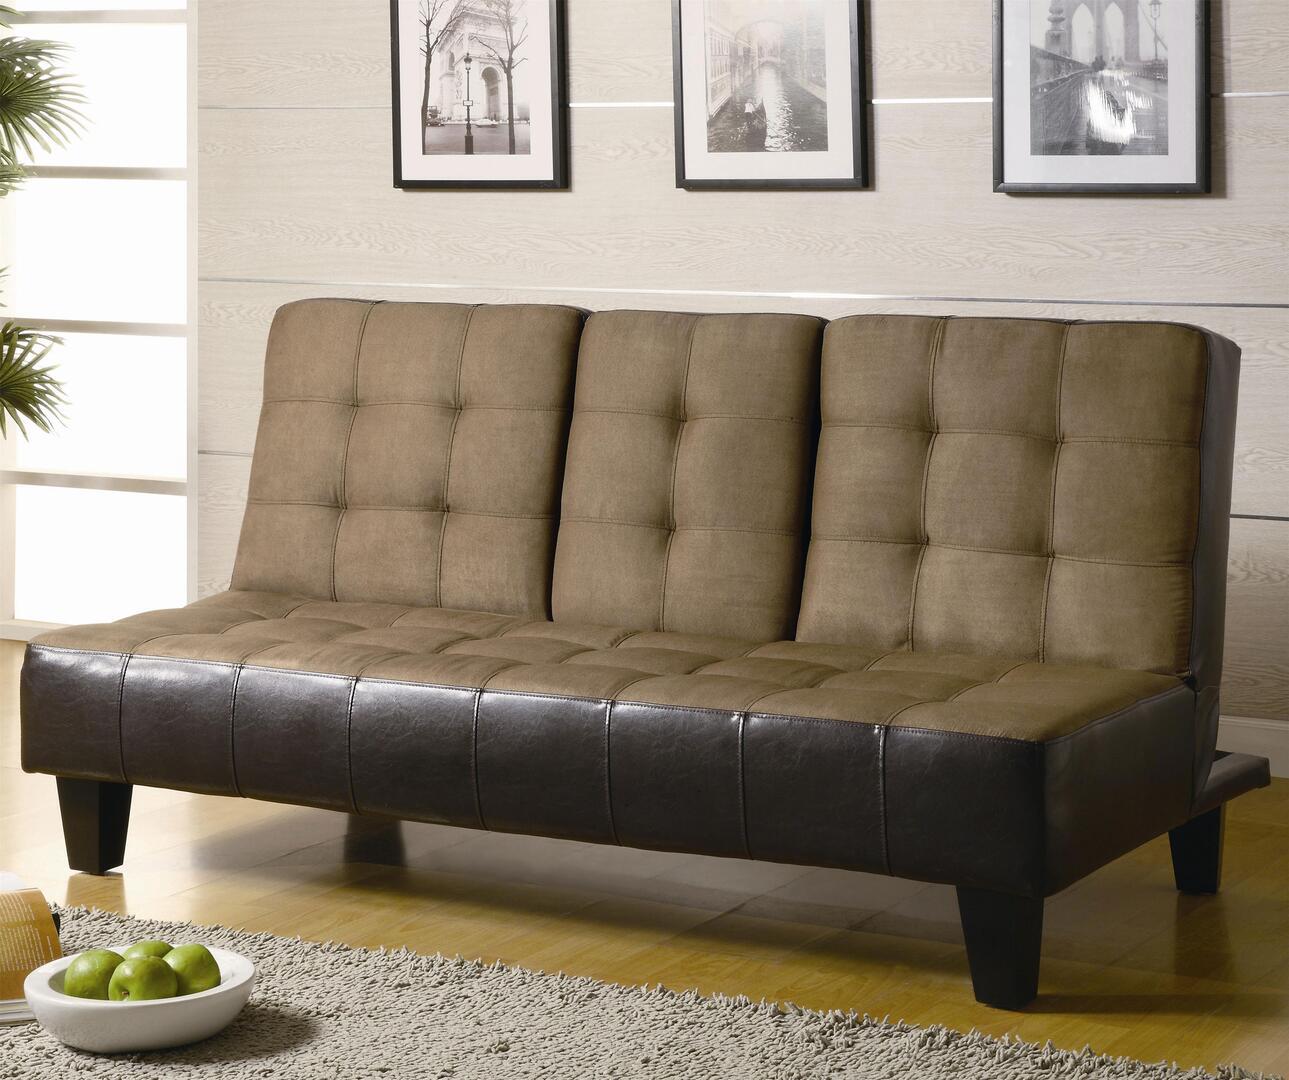 Coaster Sofa Beds And Futons 300237 69